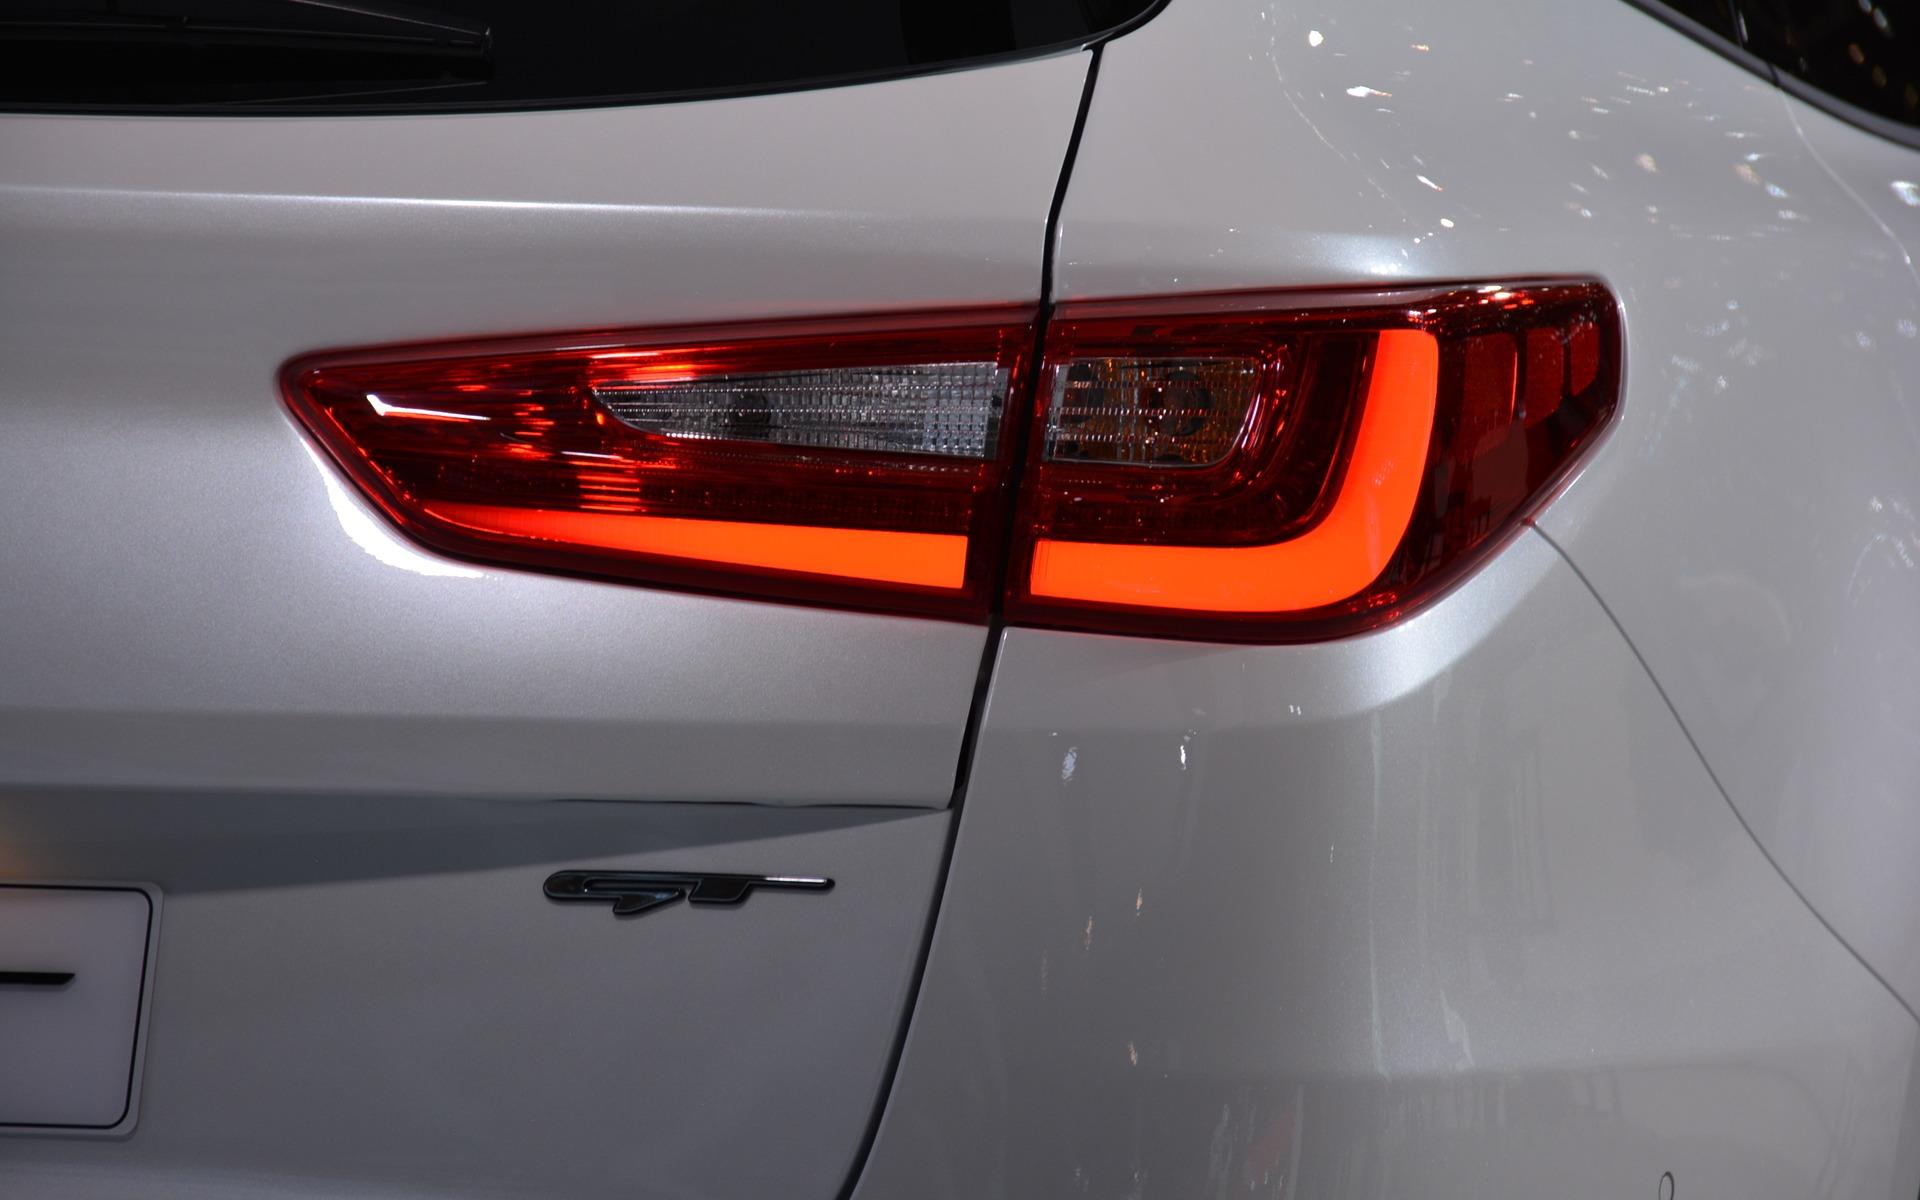 Used Kia Optima >> Here is the Kia Optima Wagon - 11/20